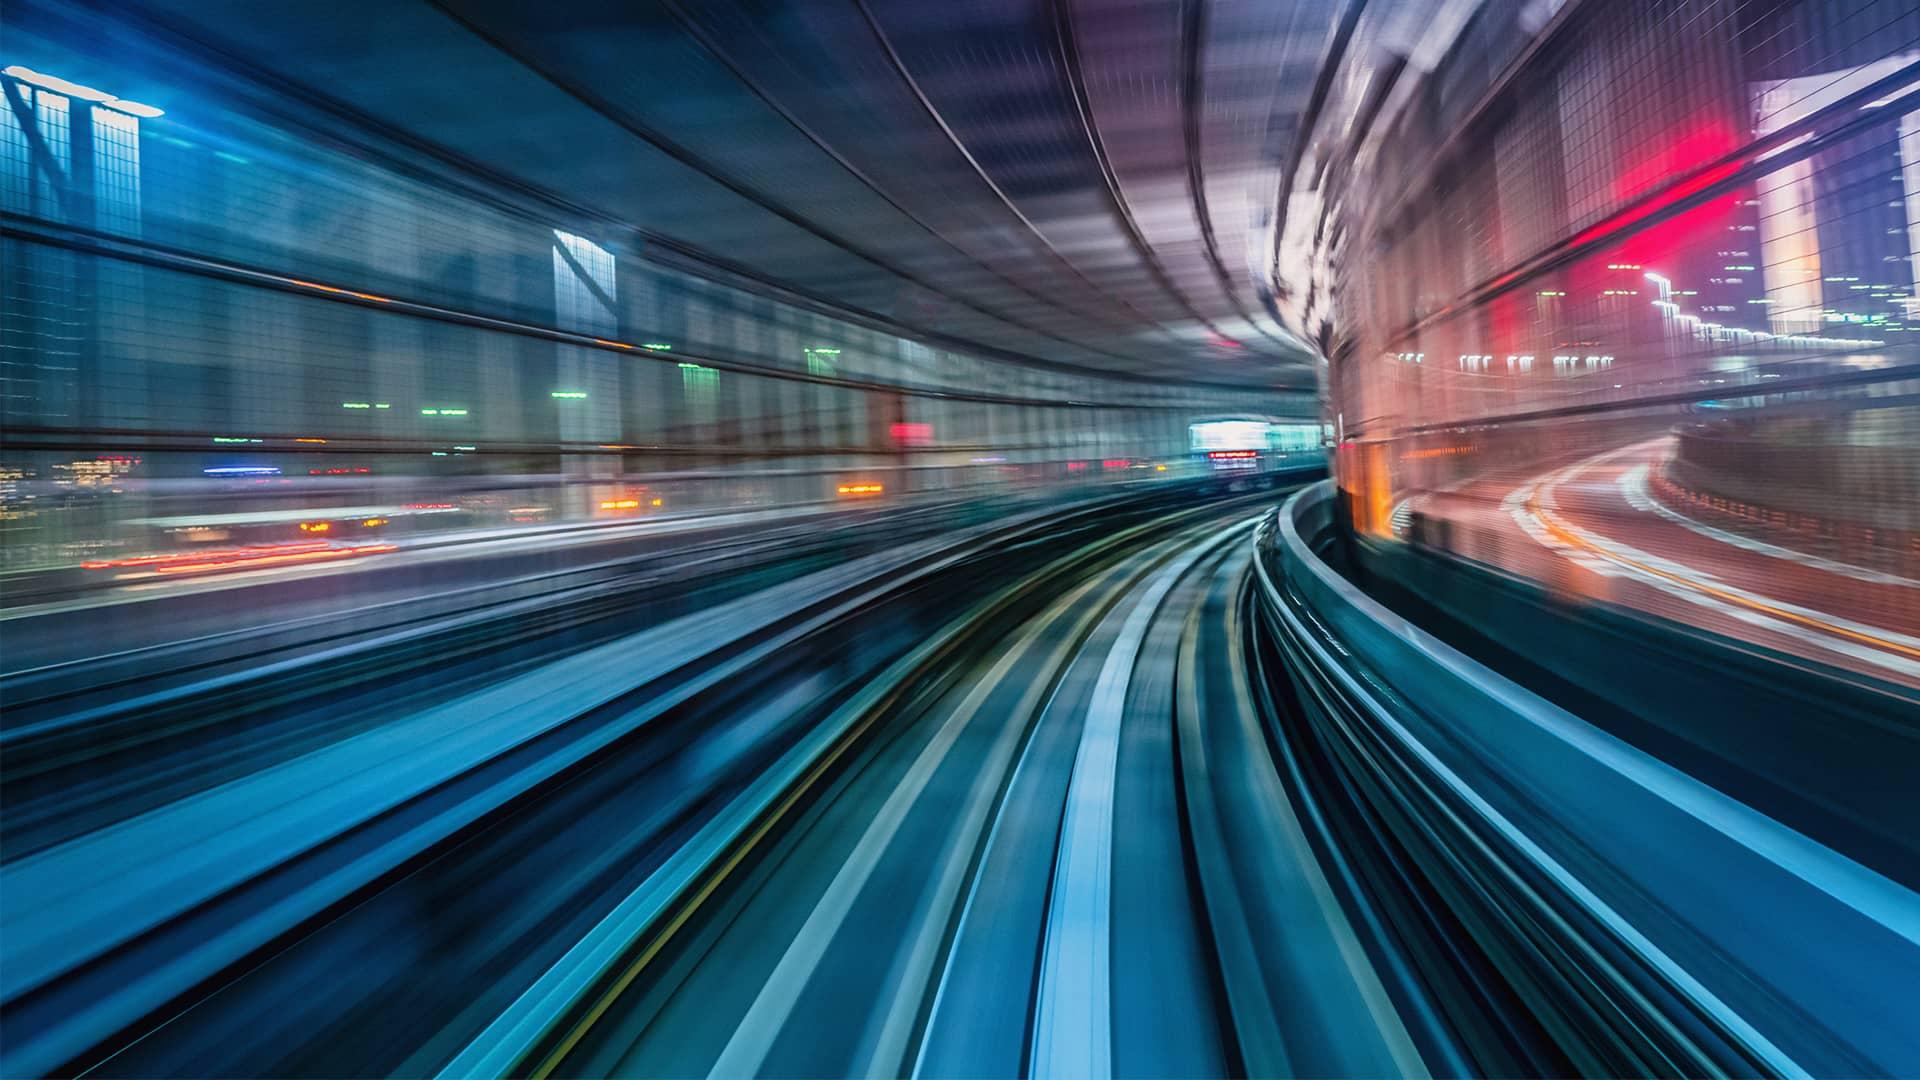 Imagen abstracta de tren en movimiento simboliza mejor cobertura adsl fibra